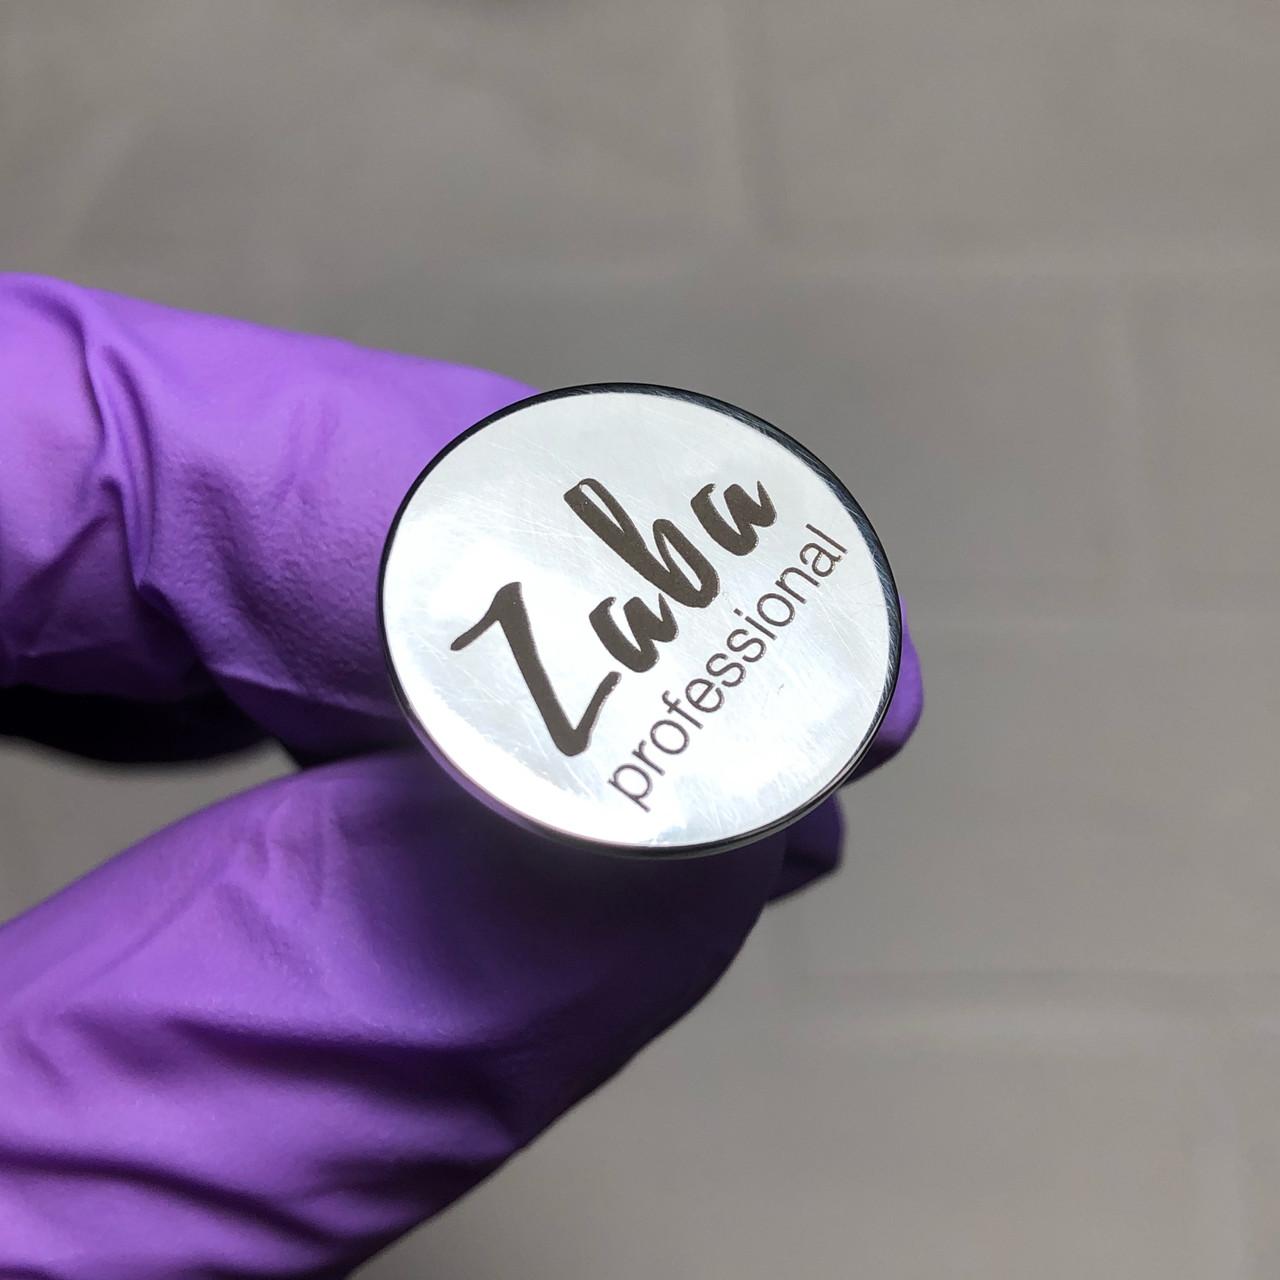 Педикюрный диск Zaba Professional, 20 мм